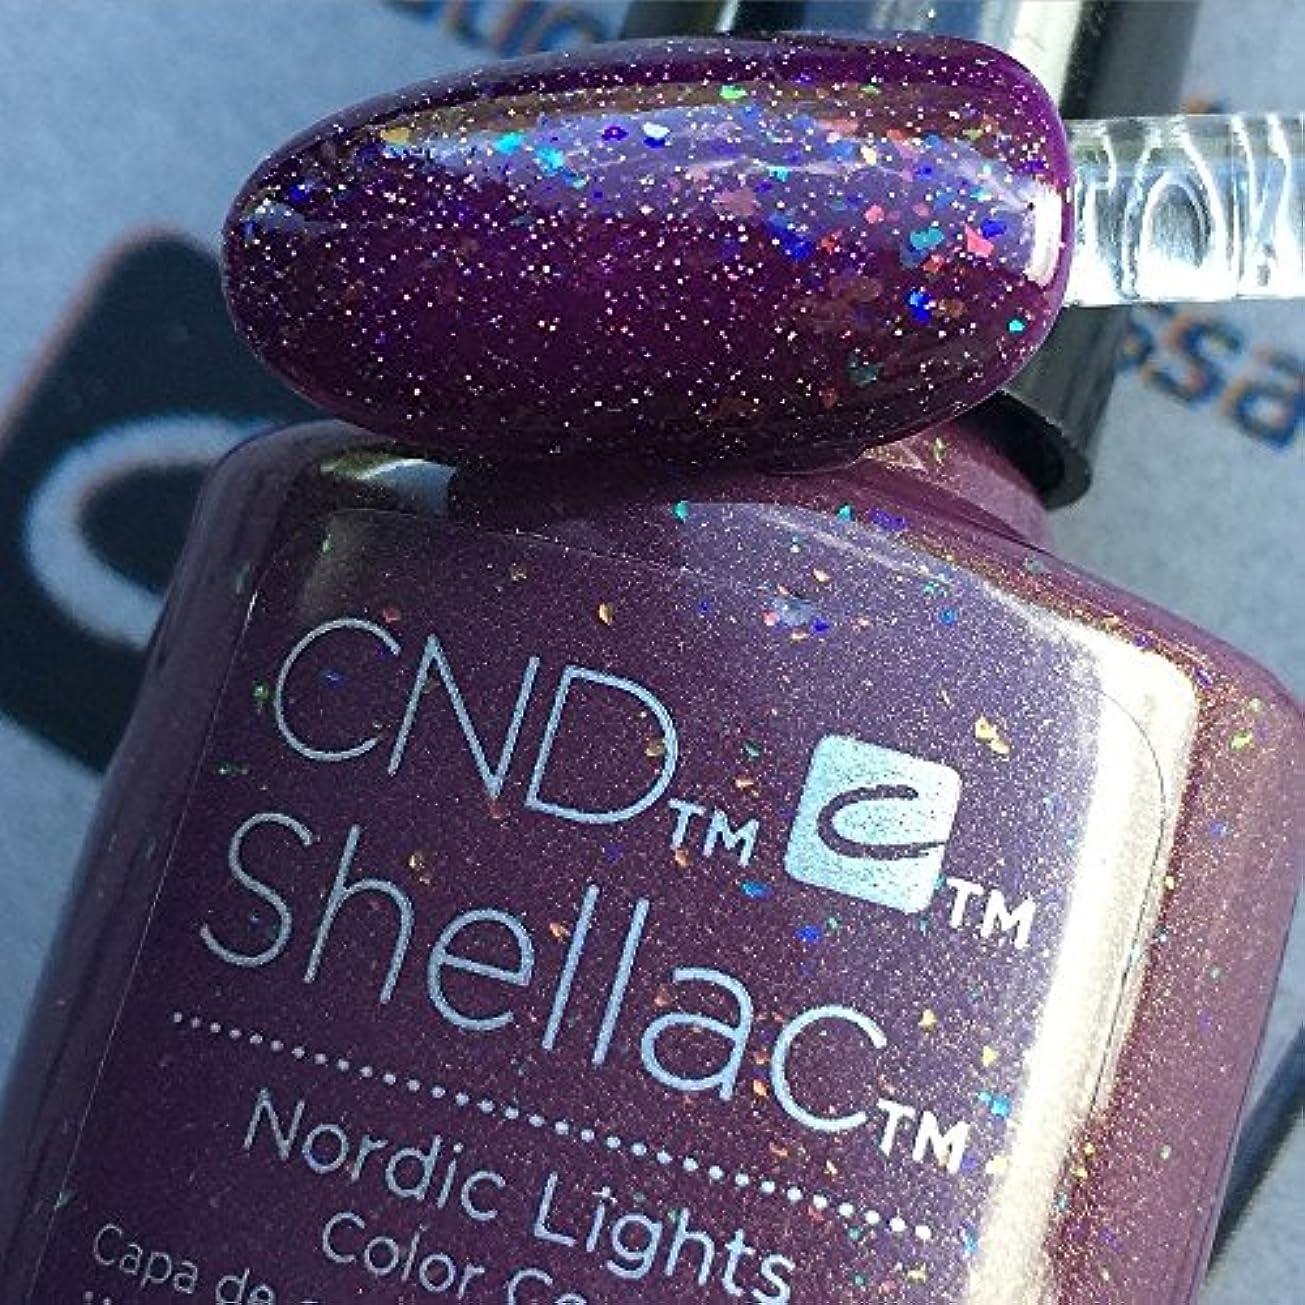 どきどき飾るプログラムCND シェラック UV カラーコート 211 ノルディックライト Nordic Lights 7.3ml